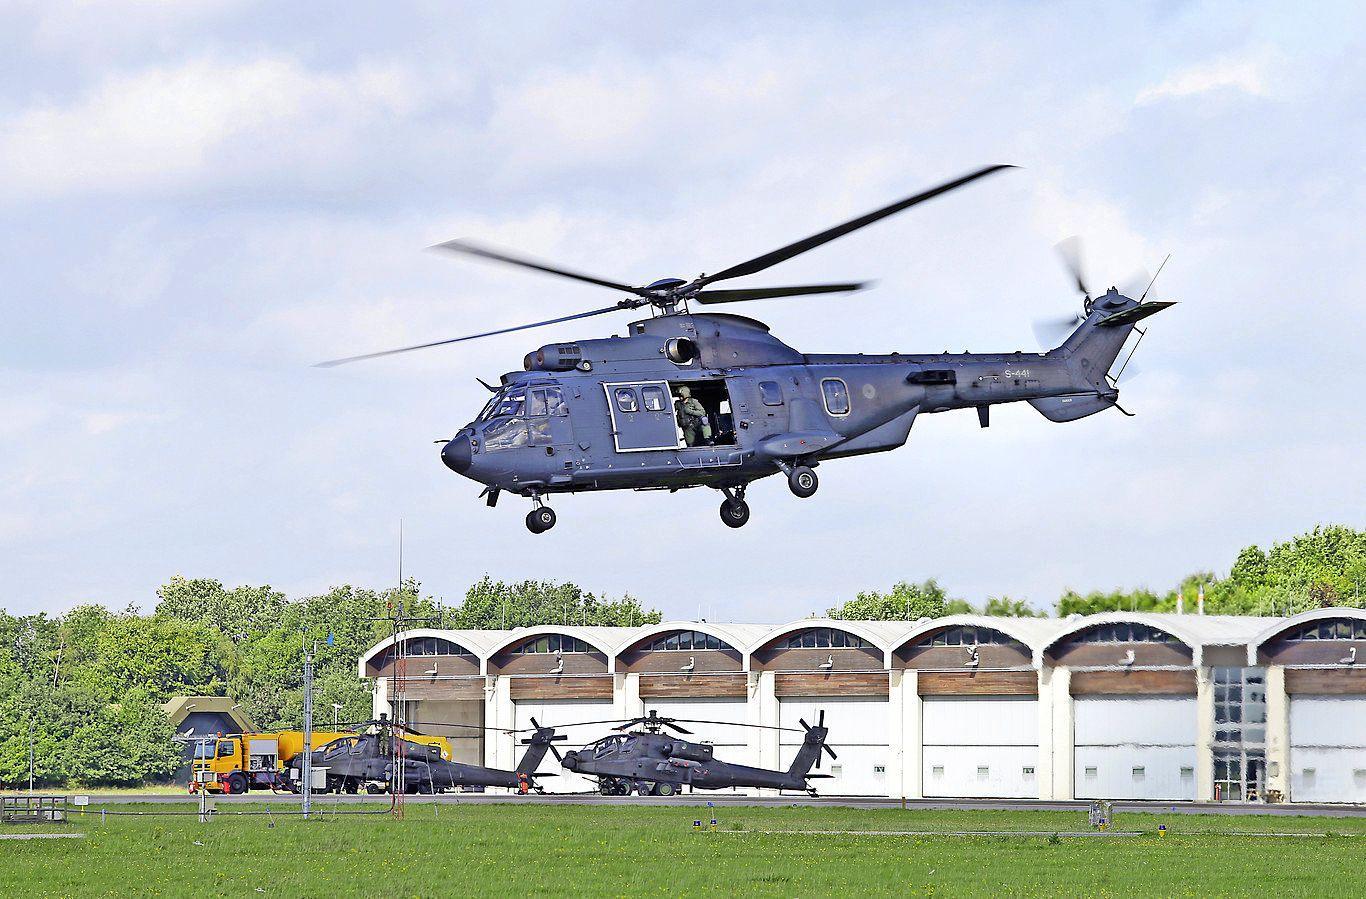 Meer gevechtshelikopters naar Den Helder: De Kooy wordt nationaal centrum voor de NH90. Defensie berekent gevolgen voor stikstof door komst acht extra helikopters en nieuwbouw